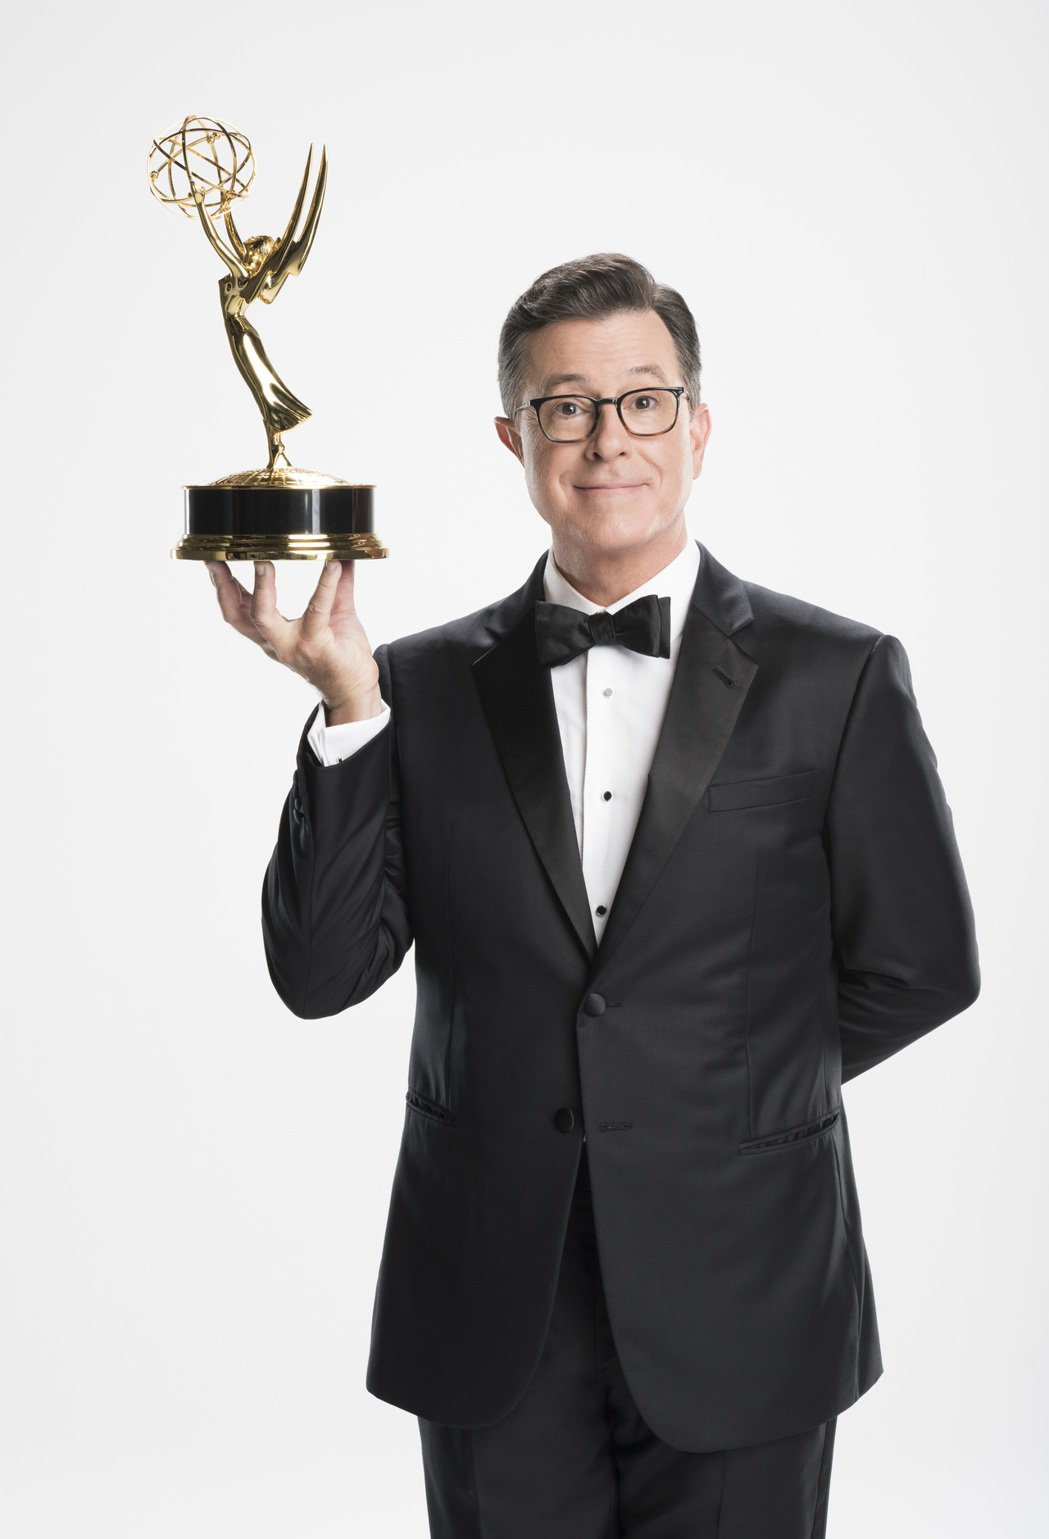 史蒂芬寇柏特主持本屆艾美獎頒獎典禮。圖/Star World提供